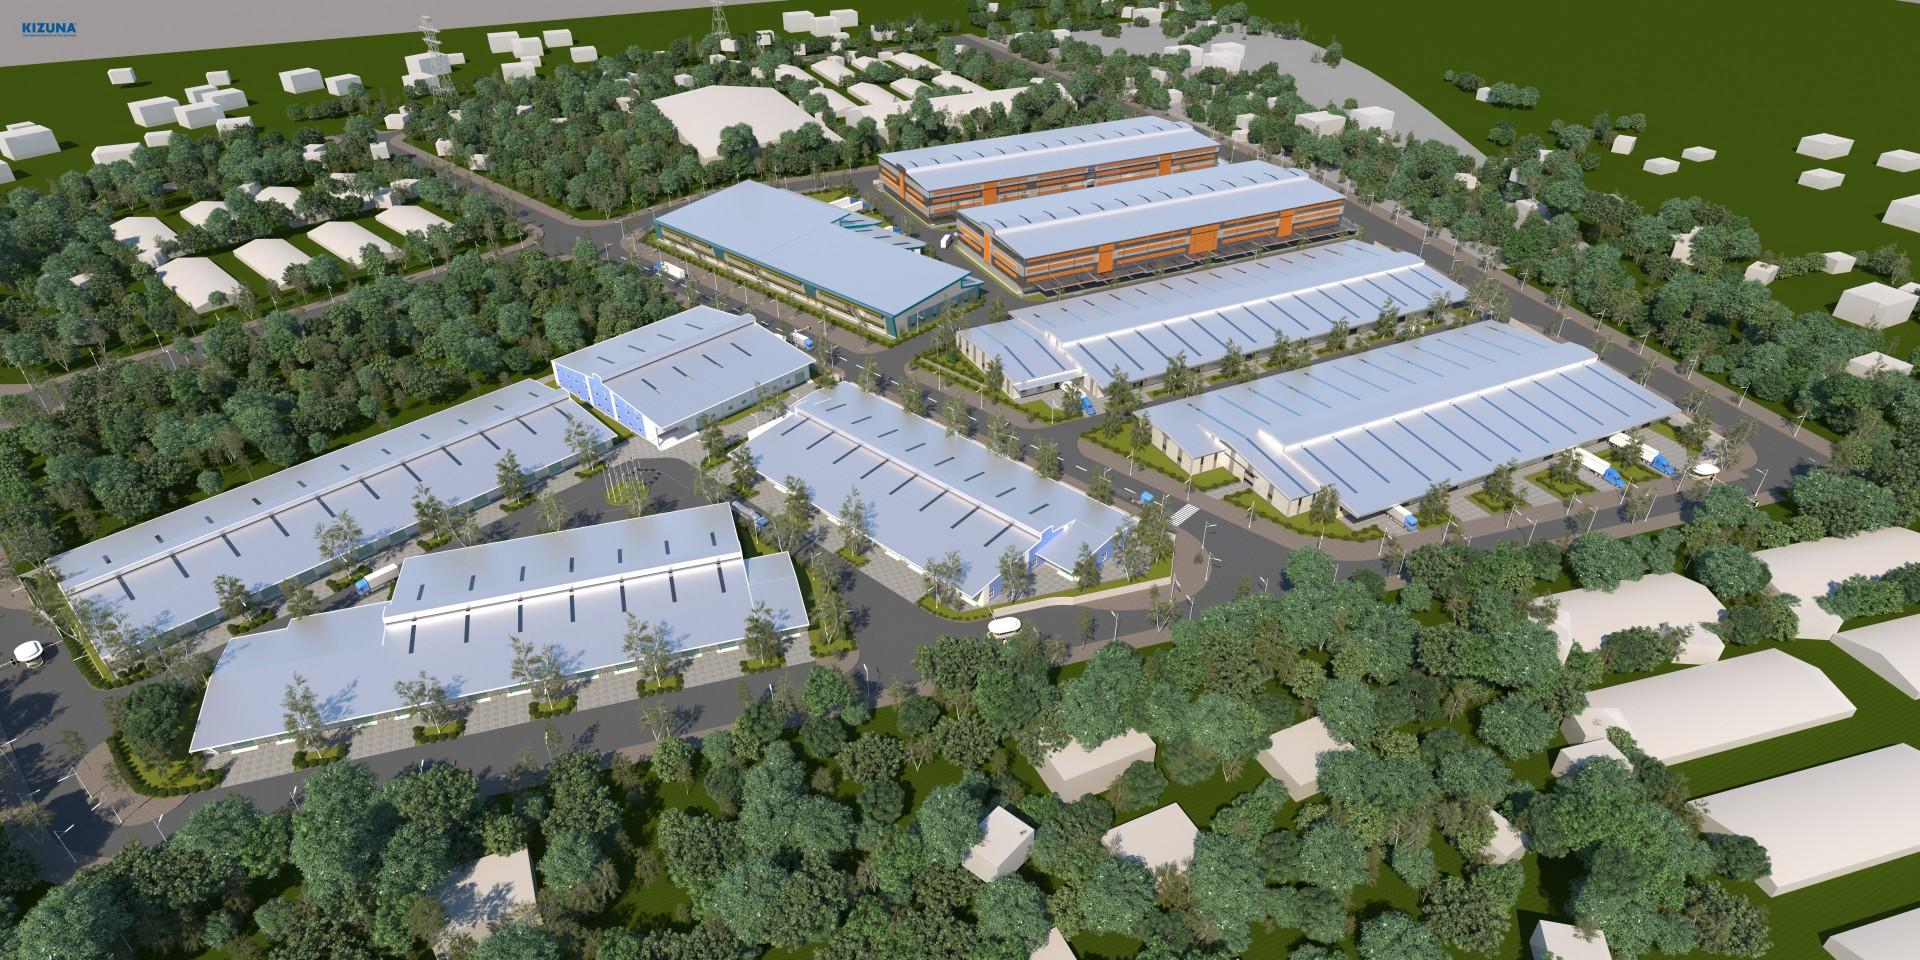 electronic factory kizuna